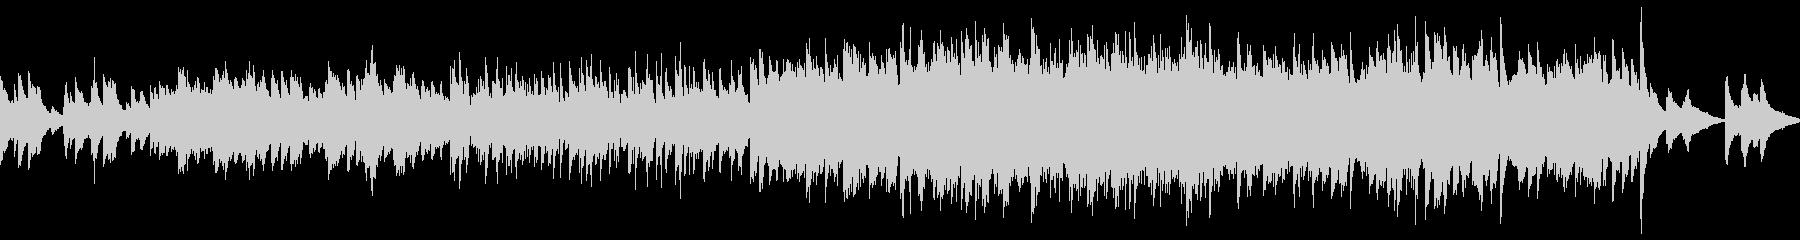 ノスタルジックなバラード曲(ループ仕様)の未再生の波形